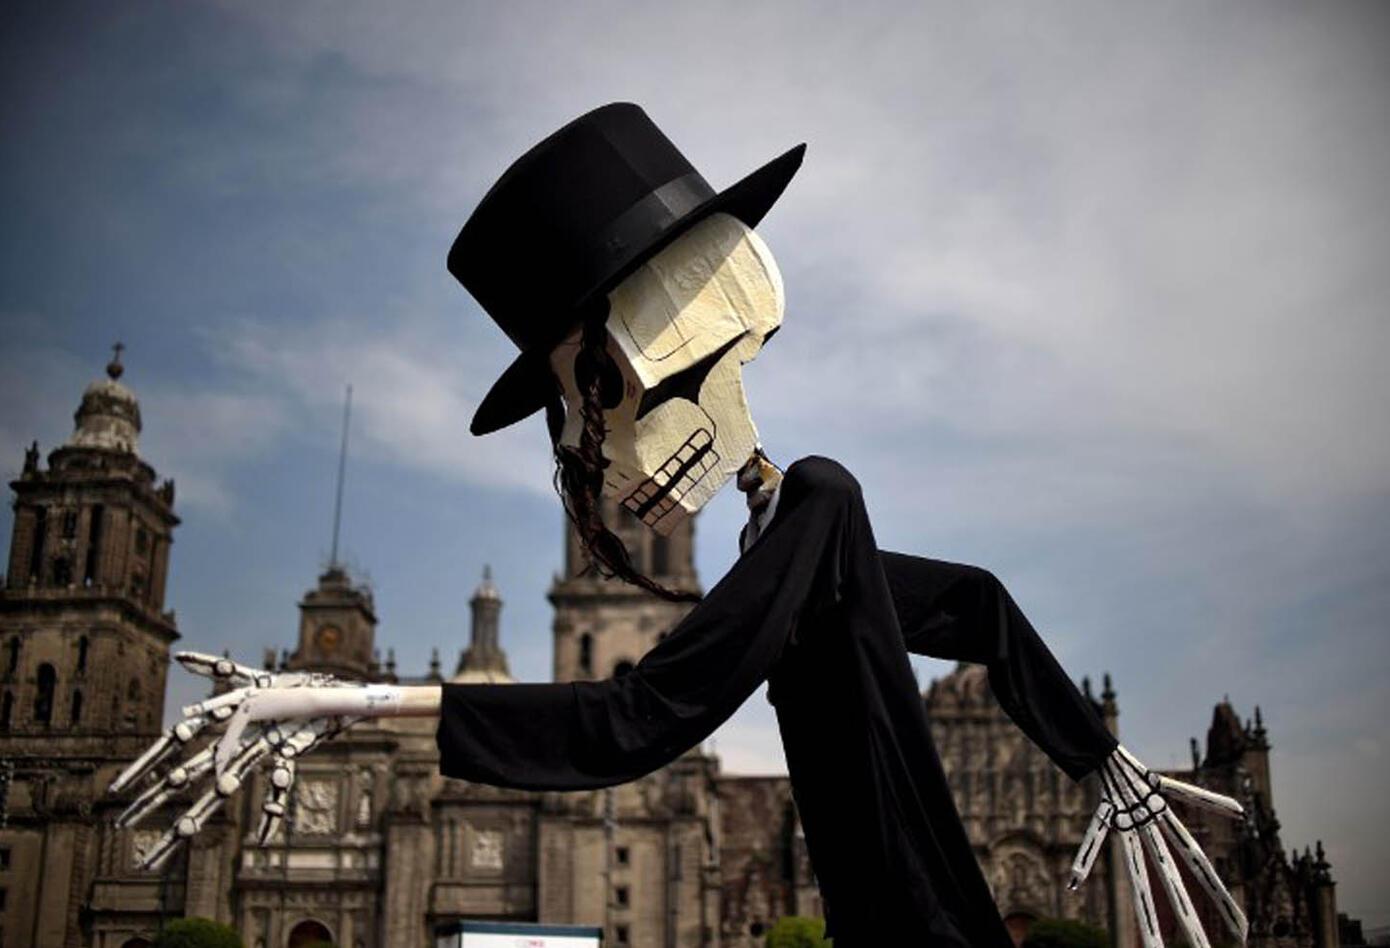 Este evento se lleva a cabo los días 1 y 2 de noviembre en todo México y se utilizan calaveras y esqueletos vestidos con atuendos de esta cultura para festejarla.